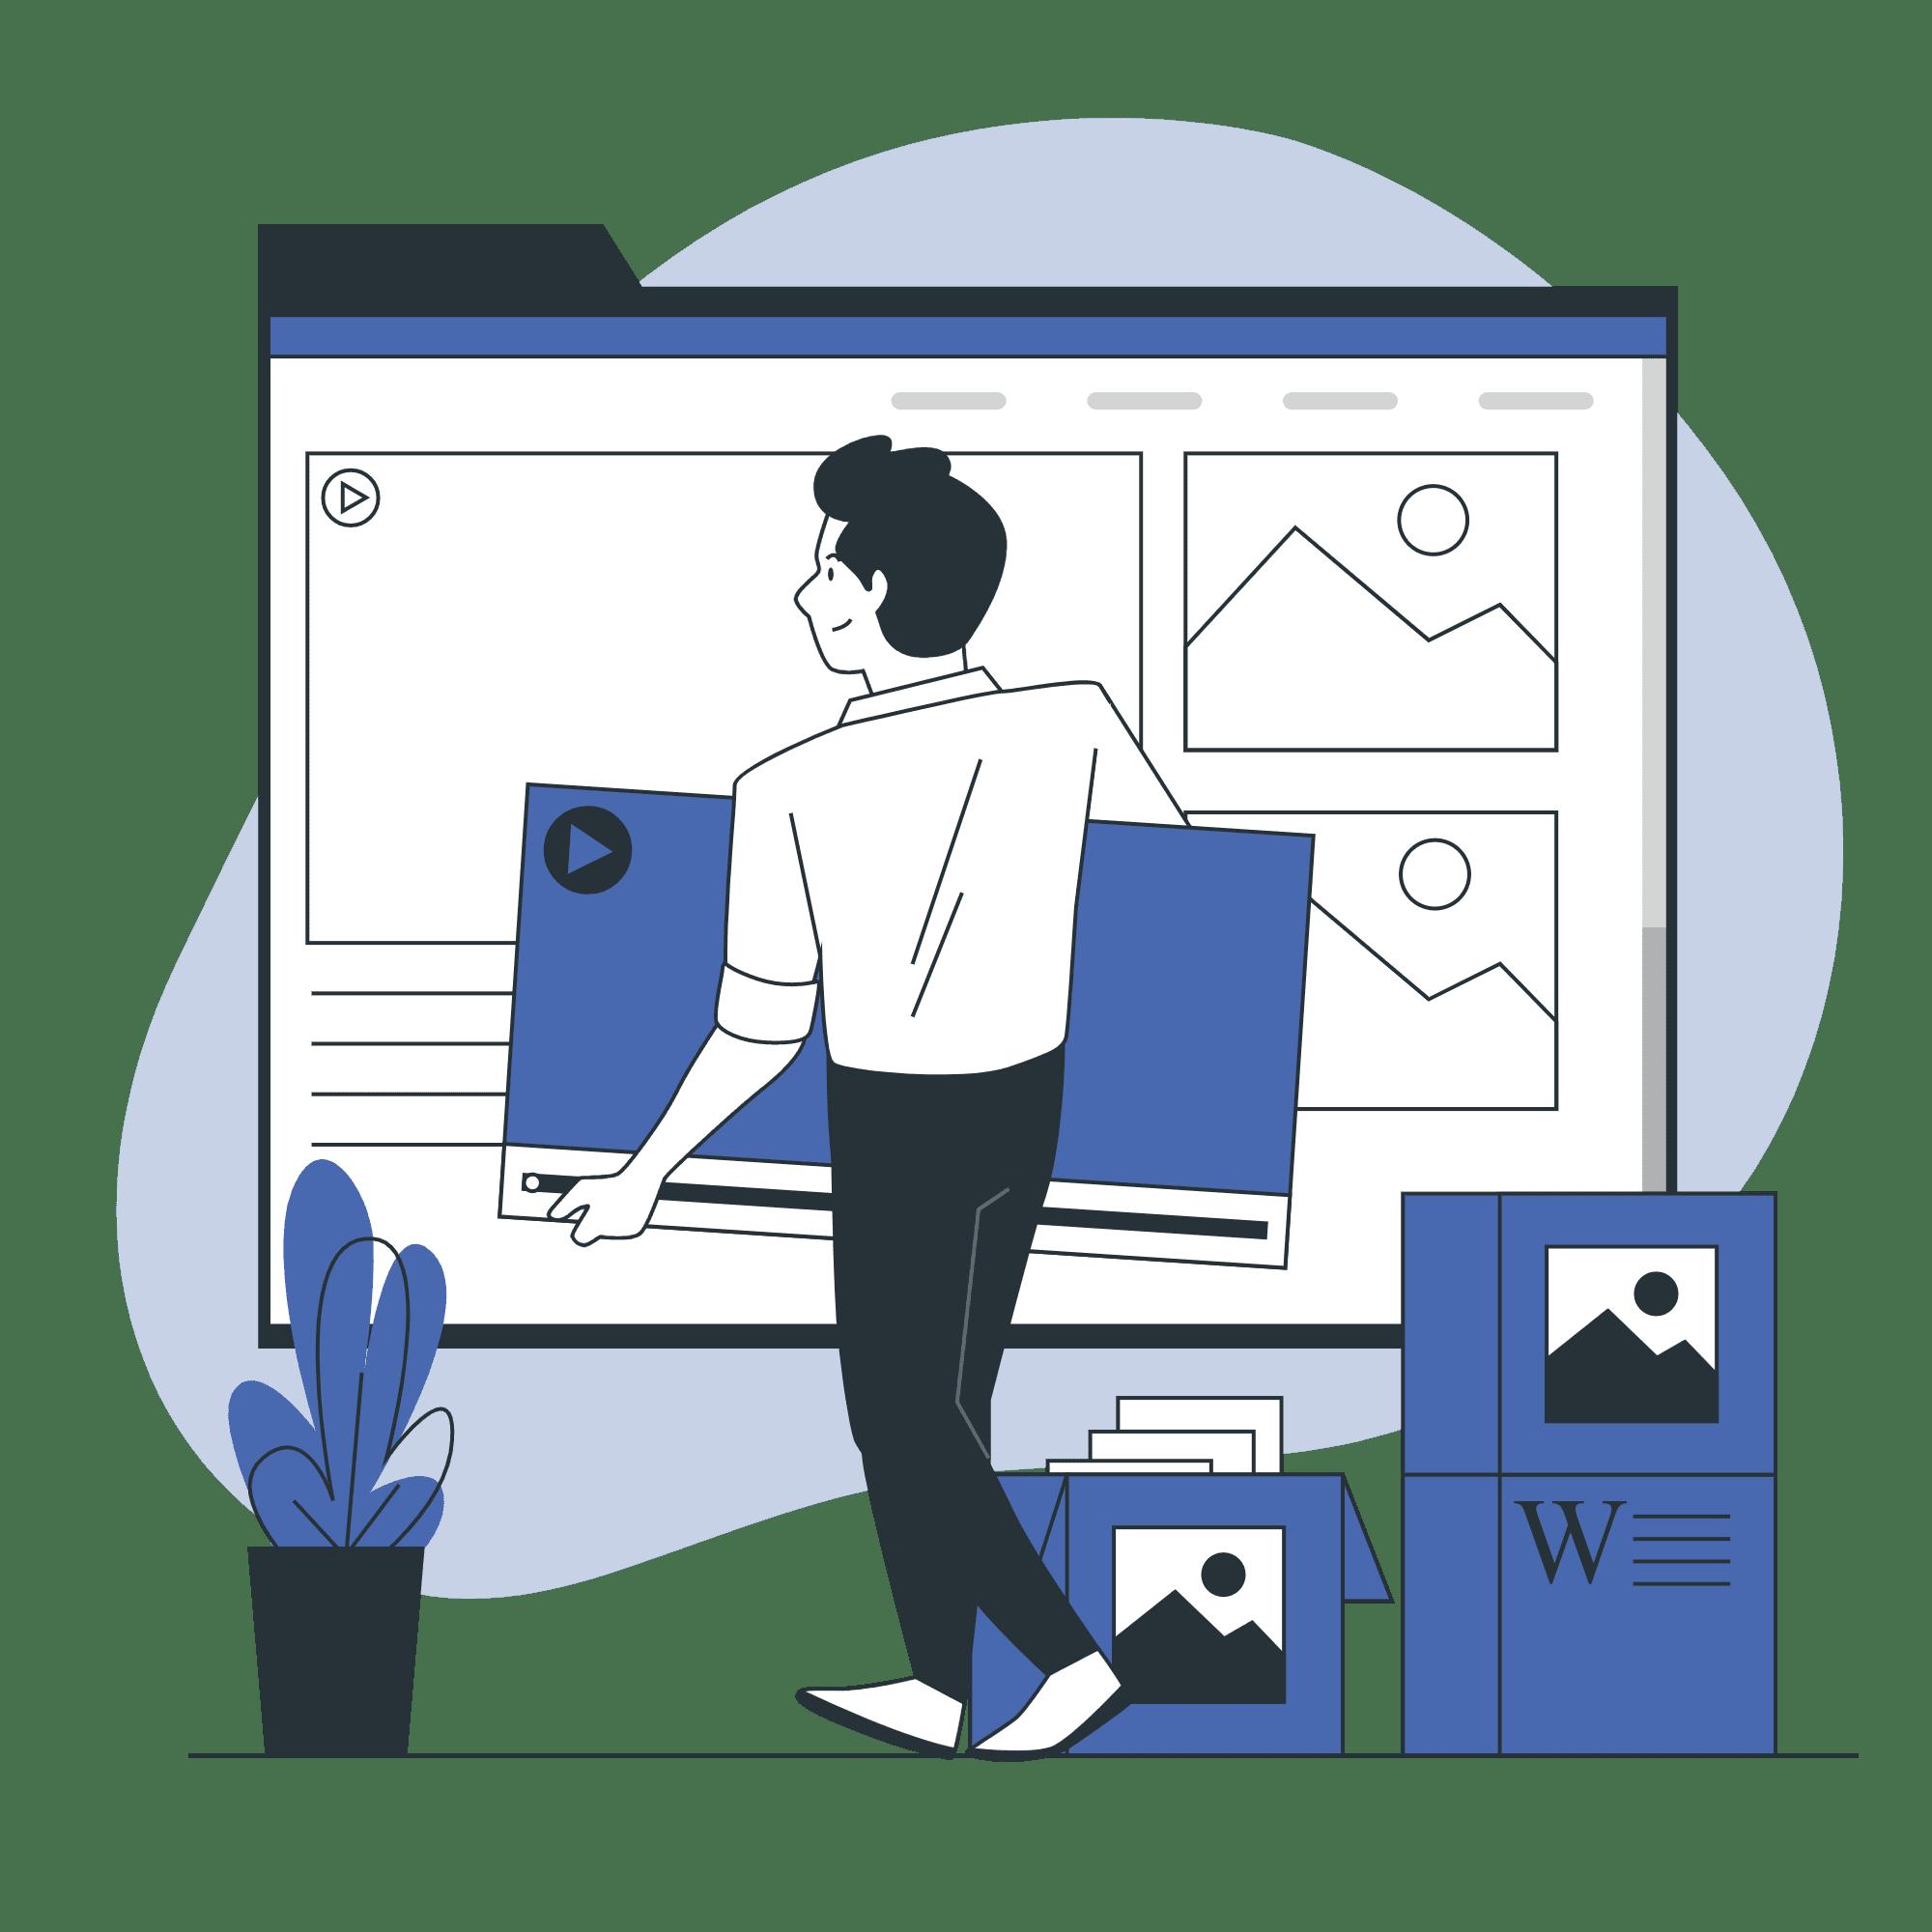 Media review vector illustration